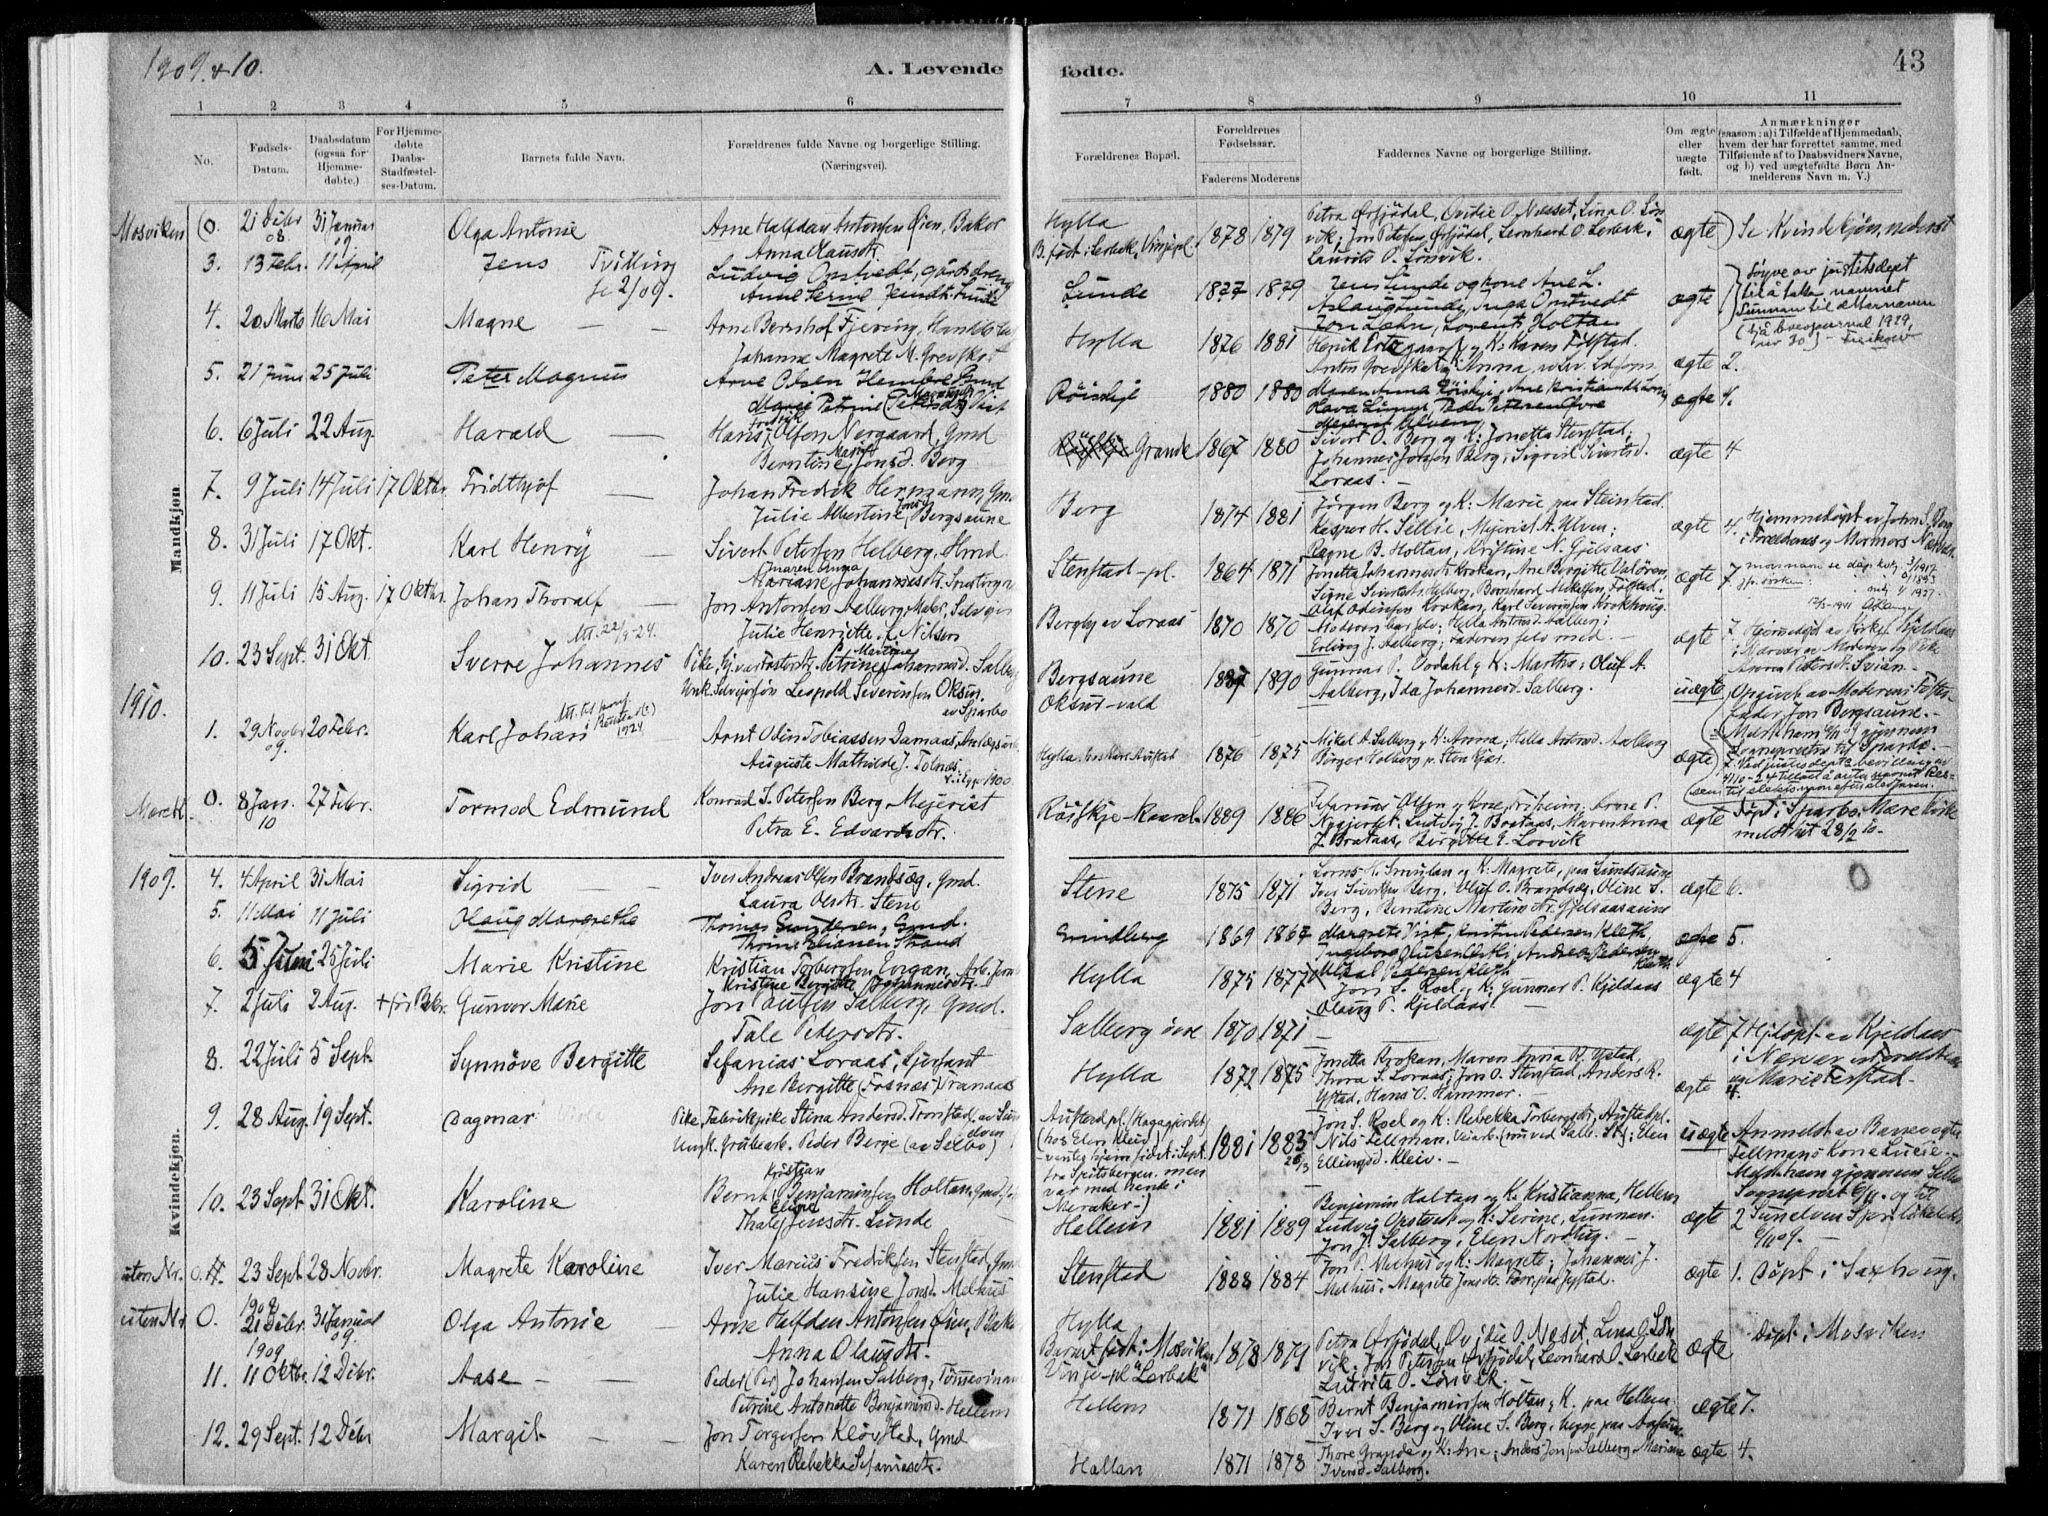 SAT, Ministerialprotokoller, klokkerbøker og fødselsregistre - Nord-Trøndelag, 731/L0309: Ministerialbok nr. 731A01, 1879-1918, s. 43